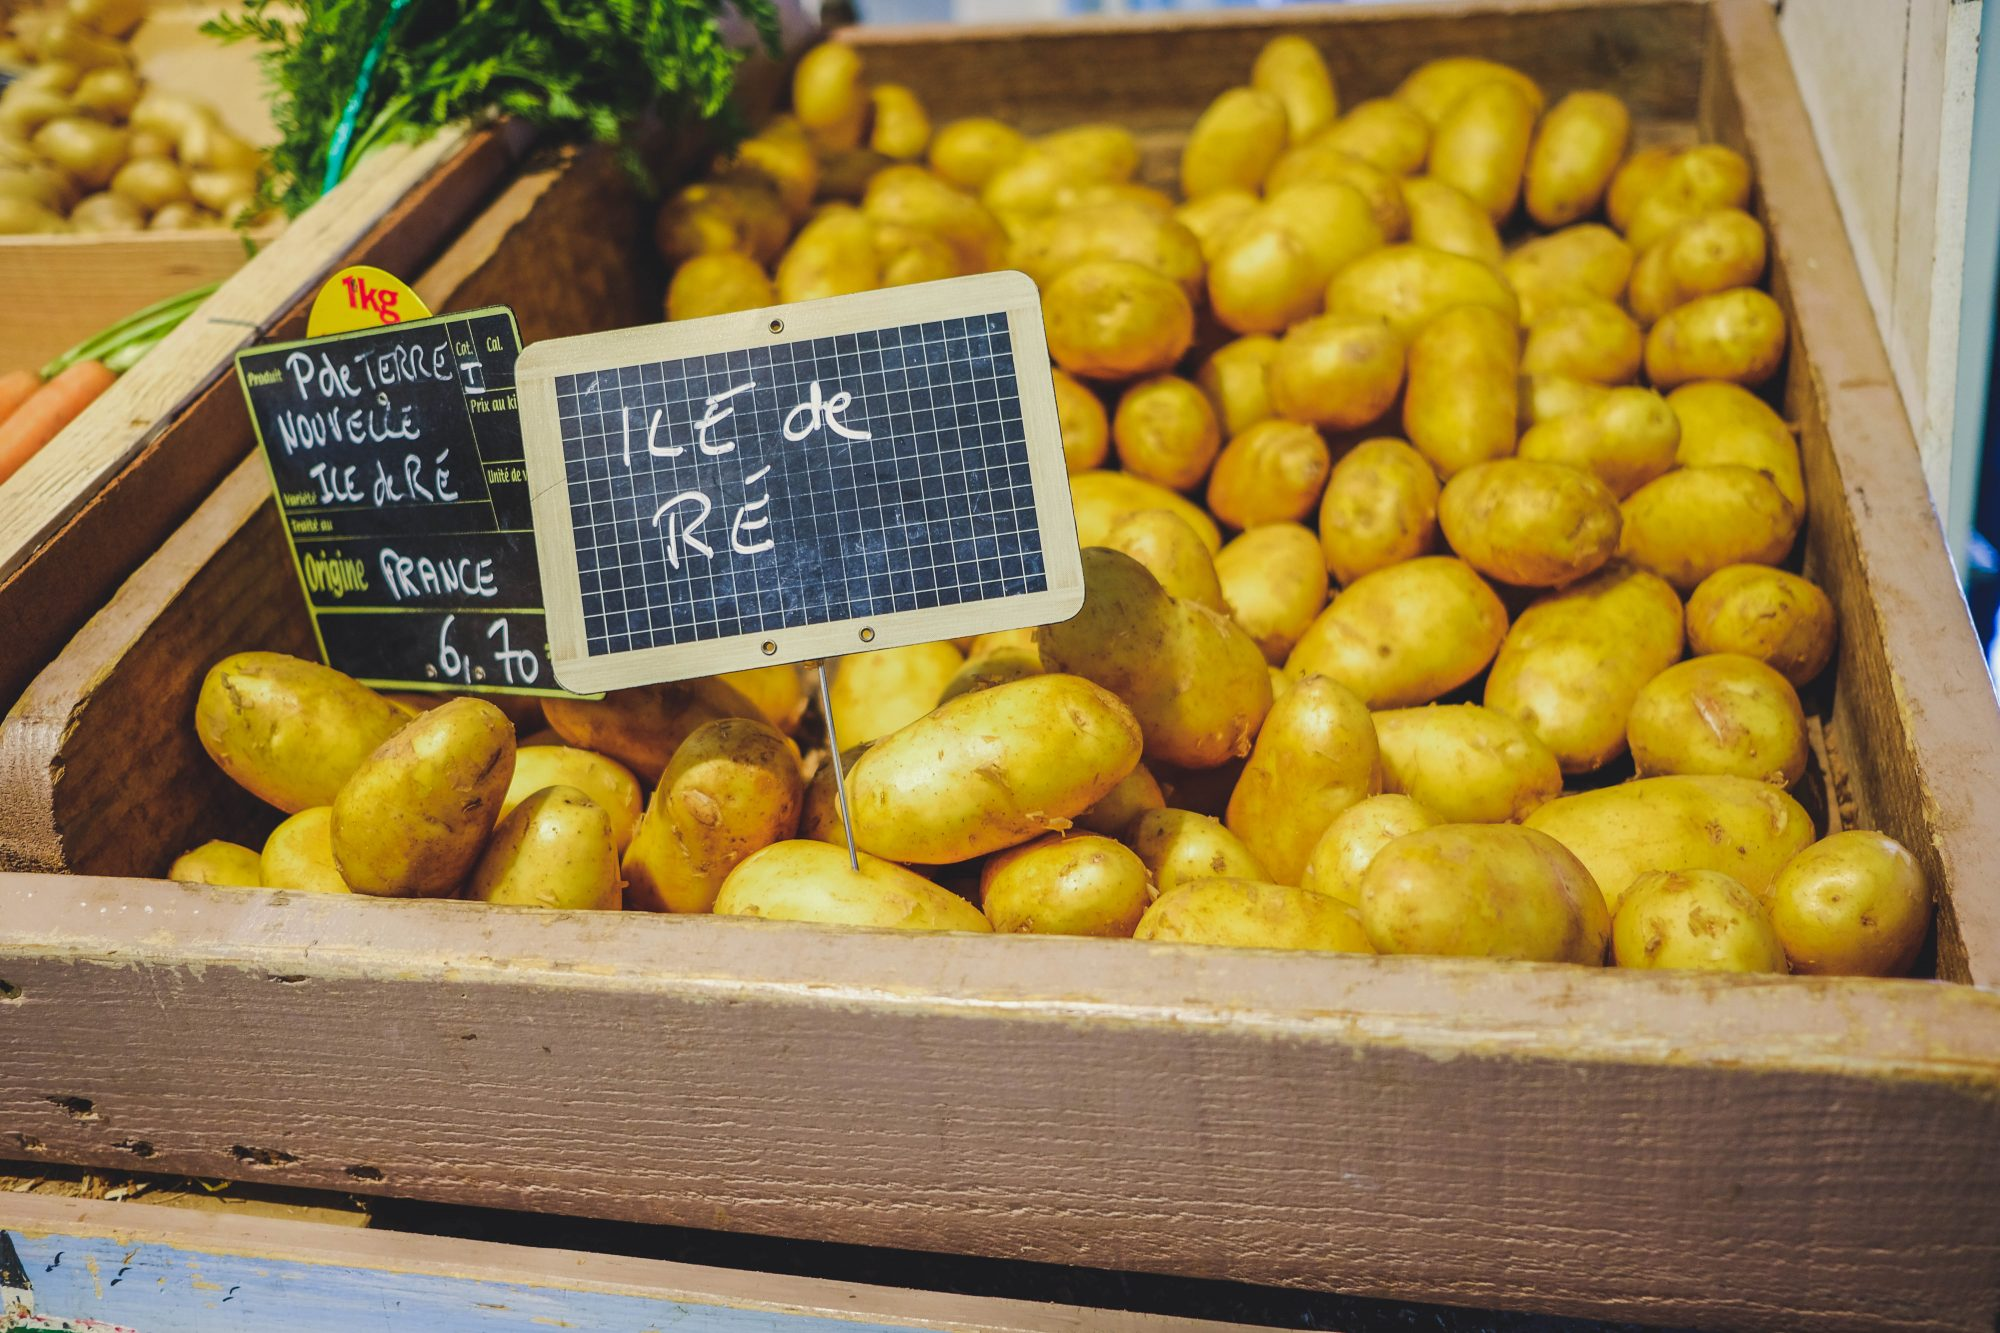 Pomme de terre nouvelle : spécialité de l'ïle de Ré - La Flotte en Ré, Ile de Ré